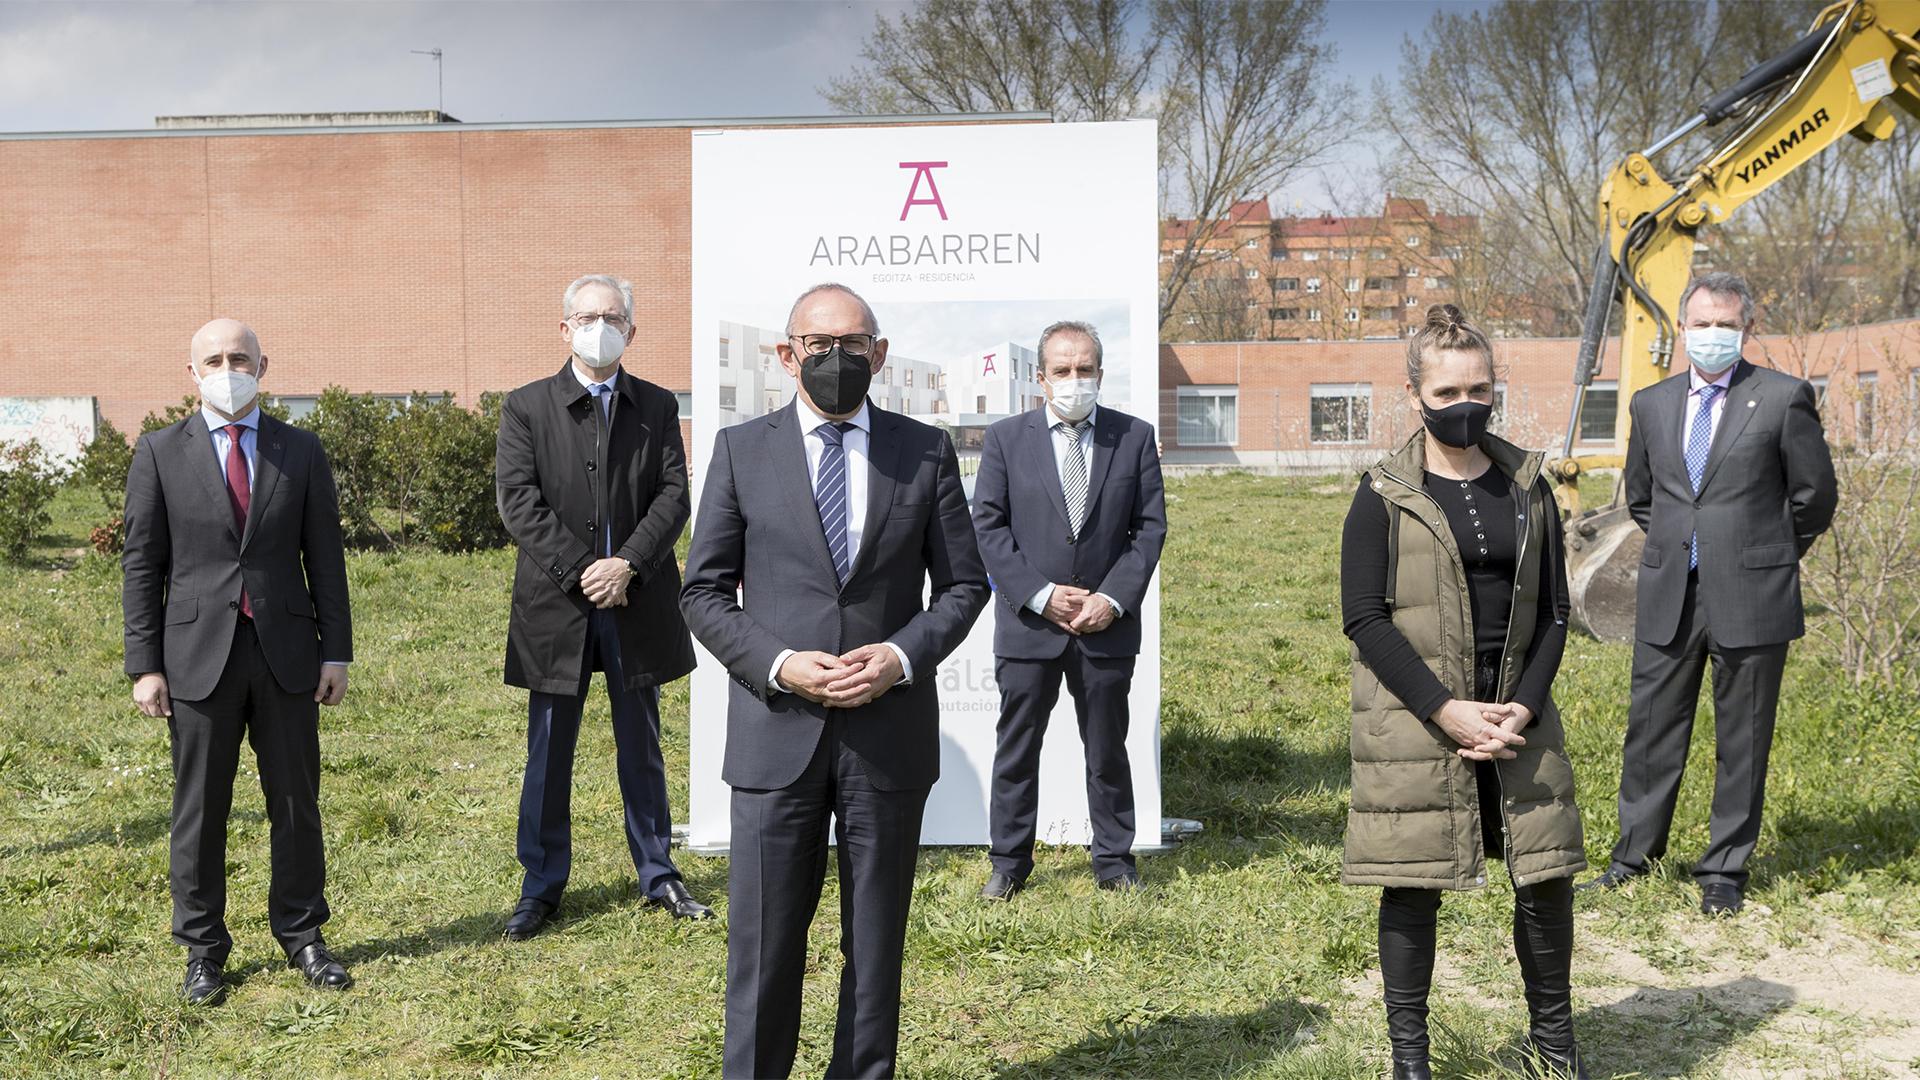 Acto de primera piedra del complejo residencial Arabarren en Vitoria-Gasteiz